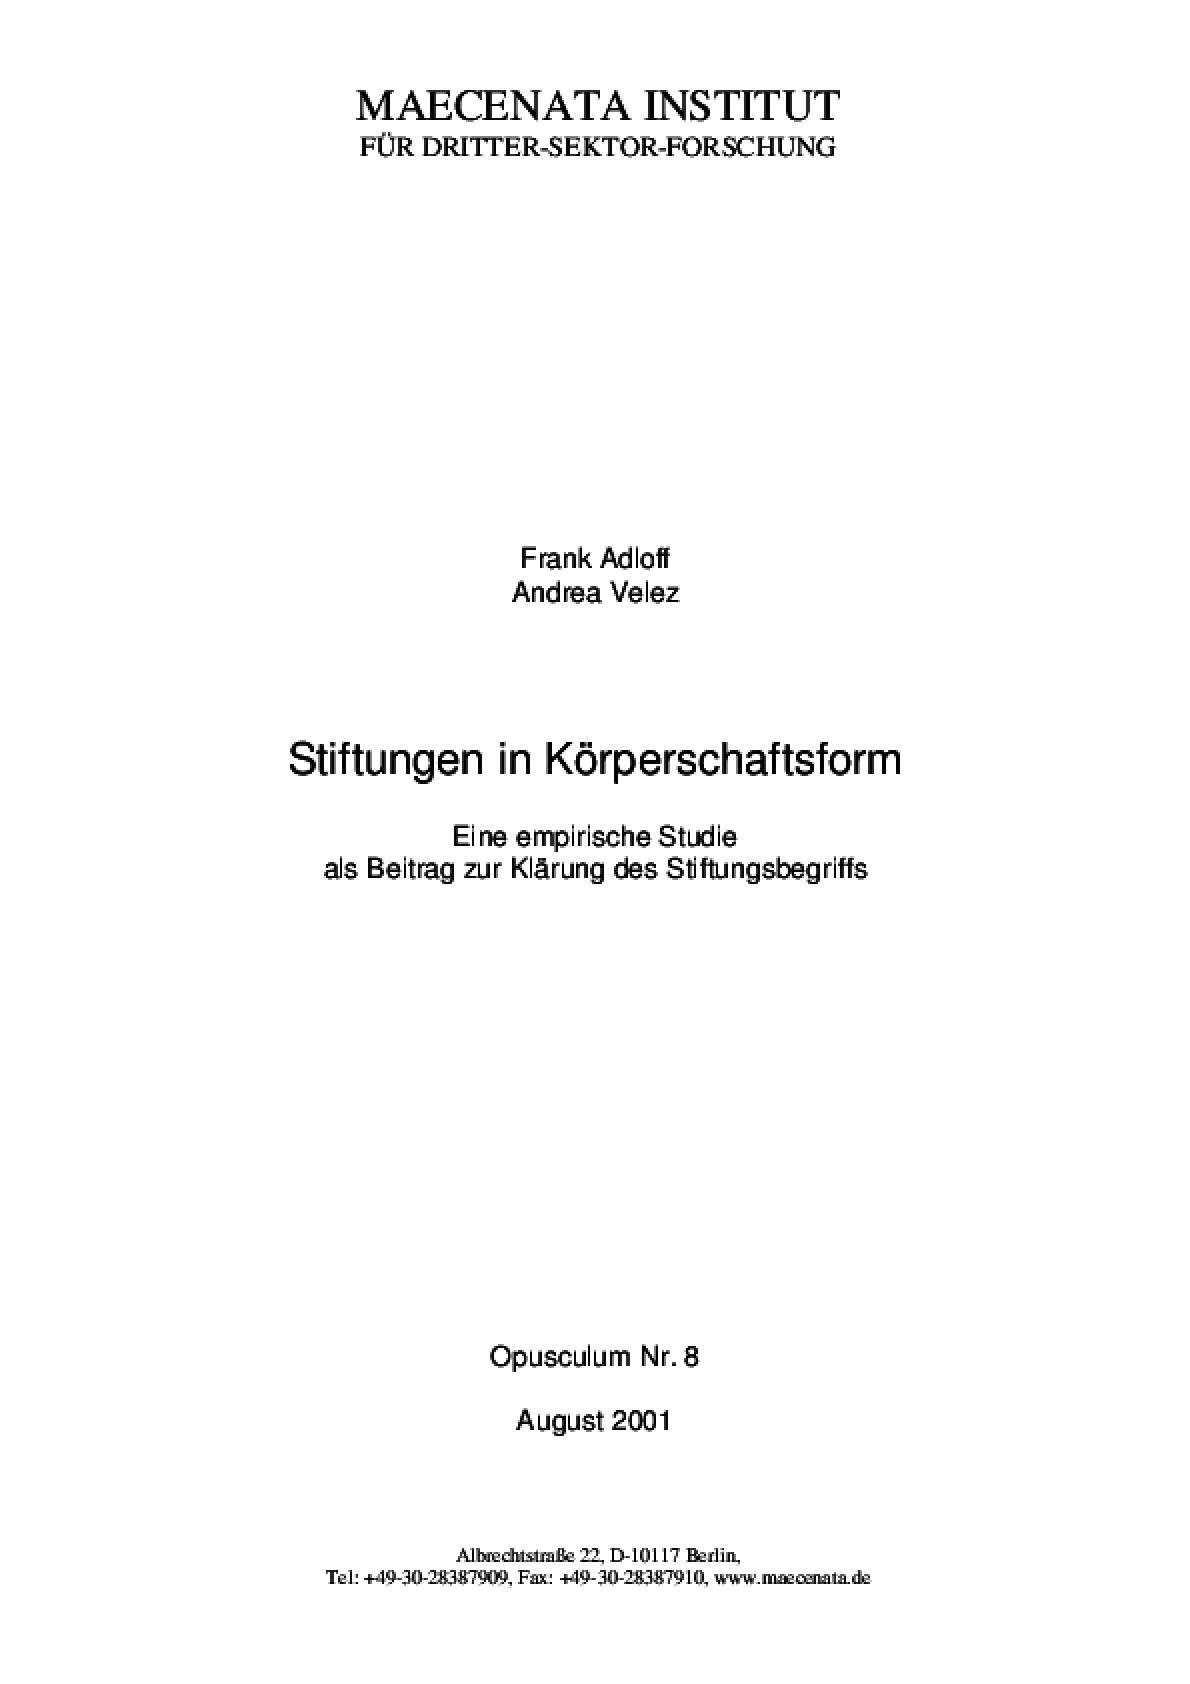 Stiftungen in Körperschaftsform: Eine Empirische Studie Als Beitrag Zur Klärung Des Stiftungsbegriffs (Opusculum Nr.7)